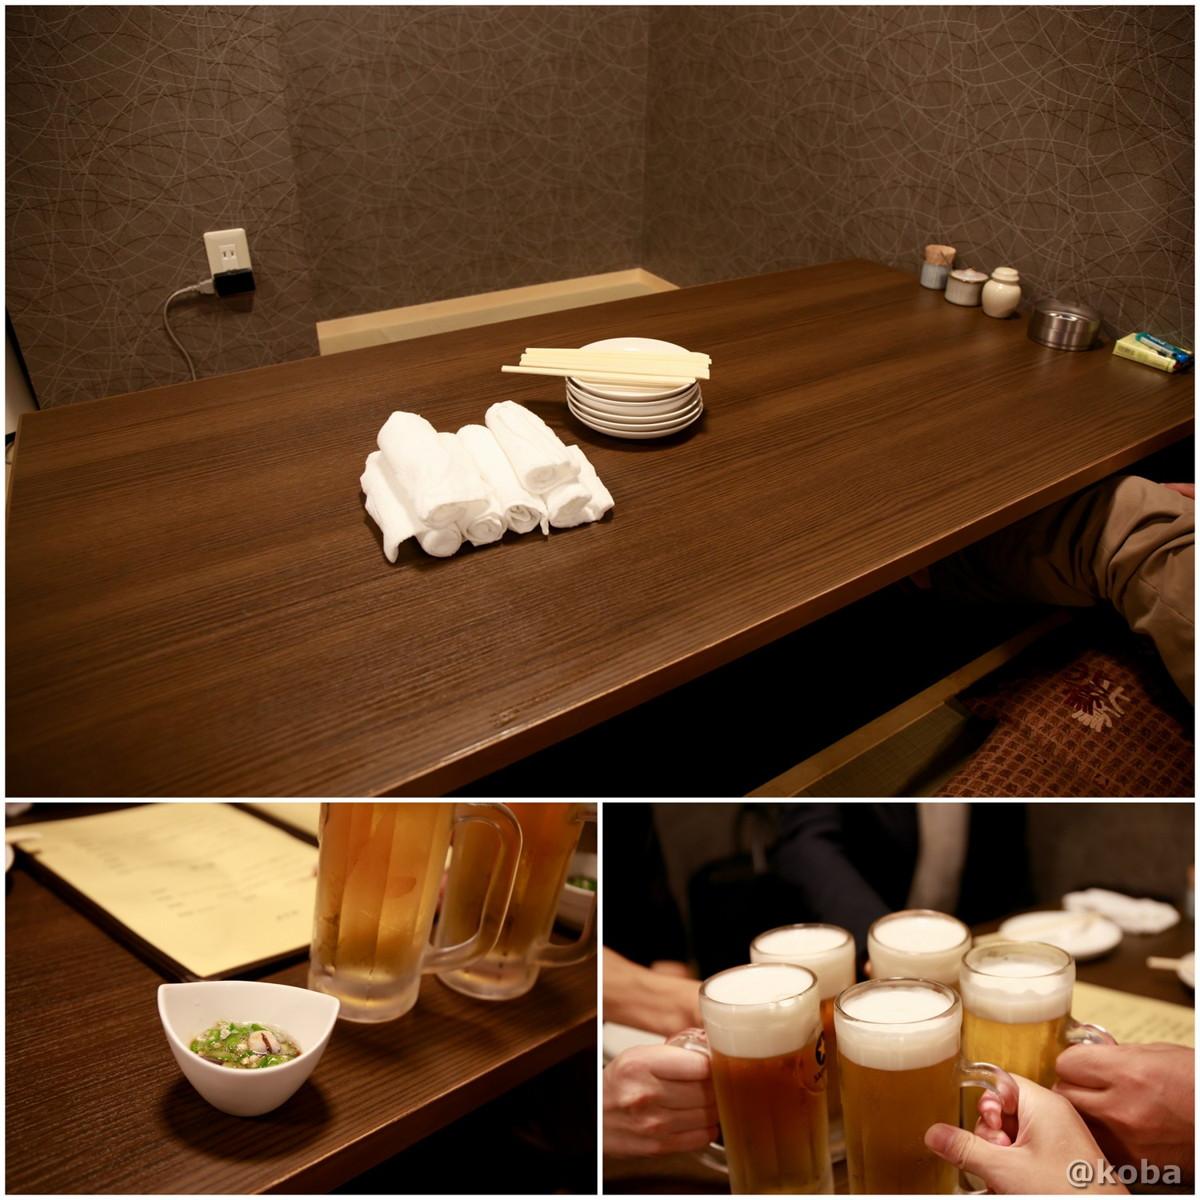 内観の写真 生ビールで乾杯♪ 彩波(いろは)居酒屋 東京都葛飾区・新小岩 ブログ